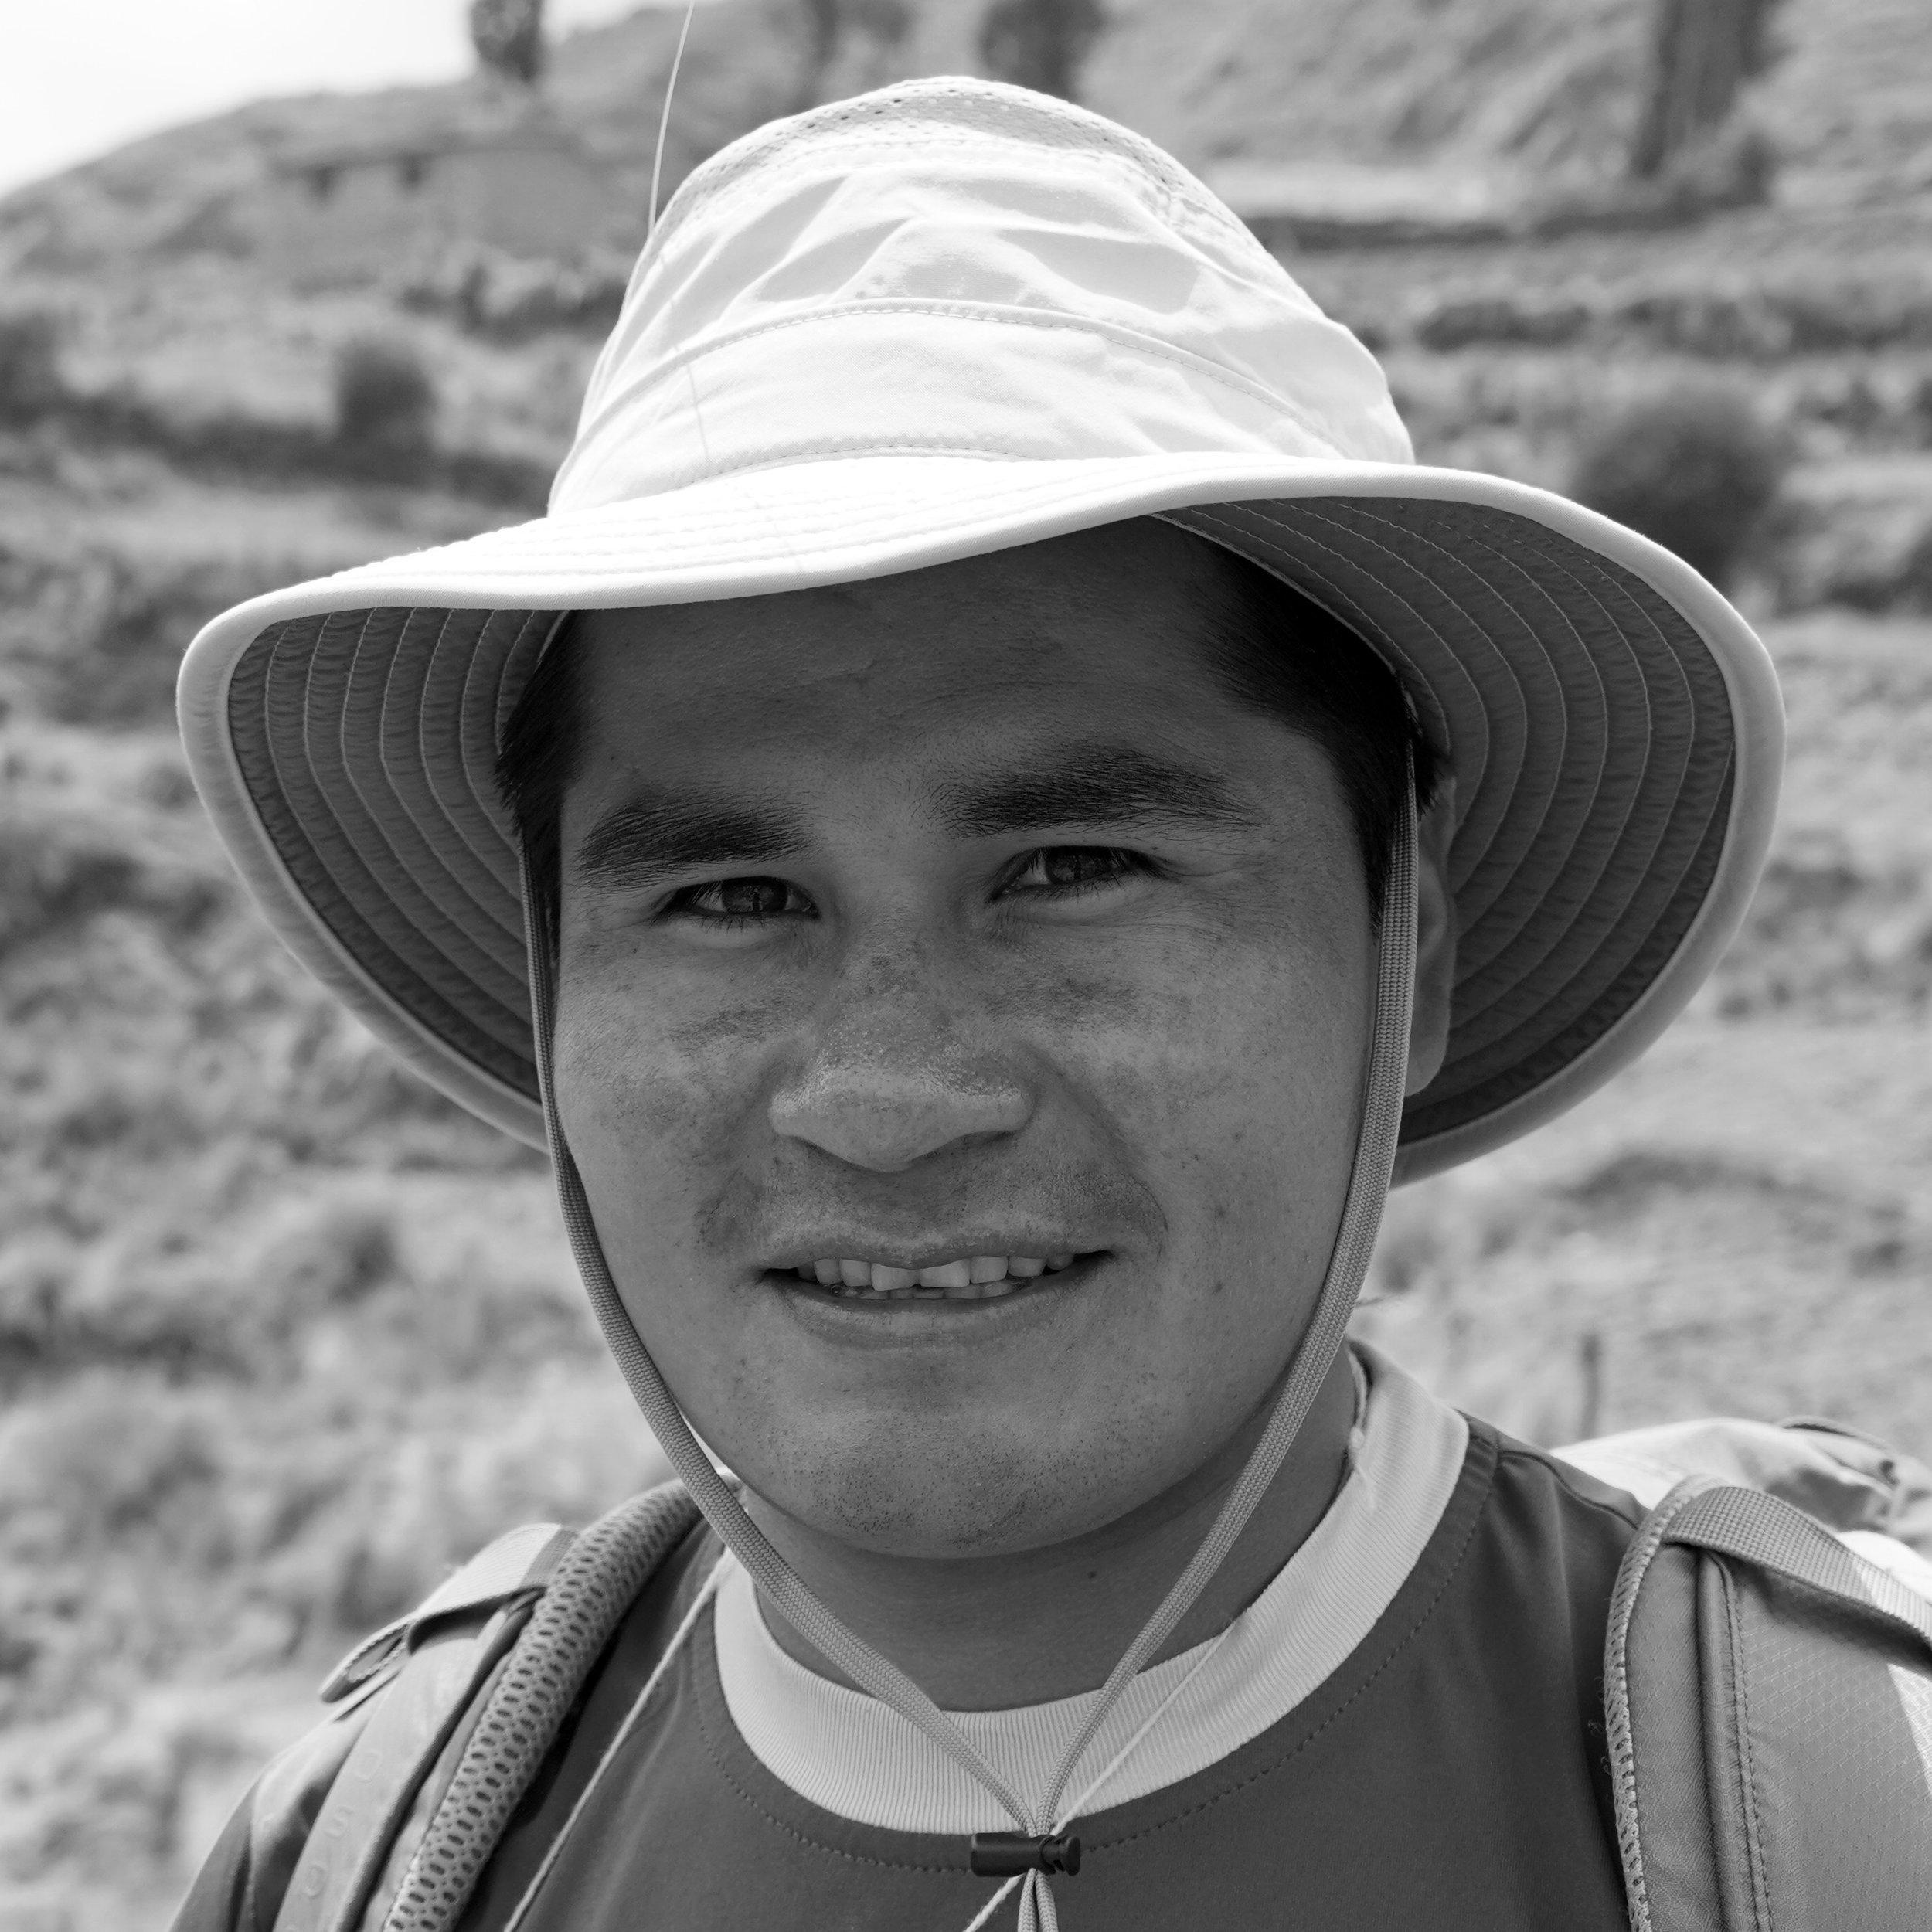 Juan Covarrubias